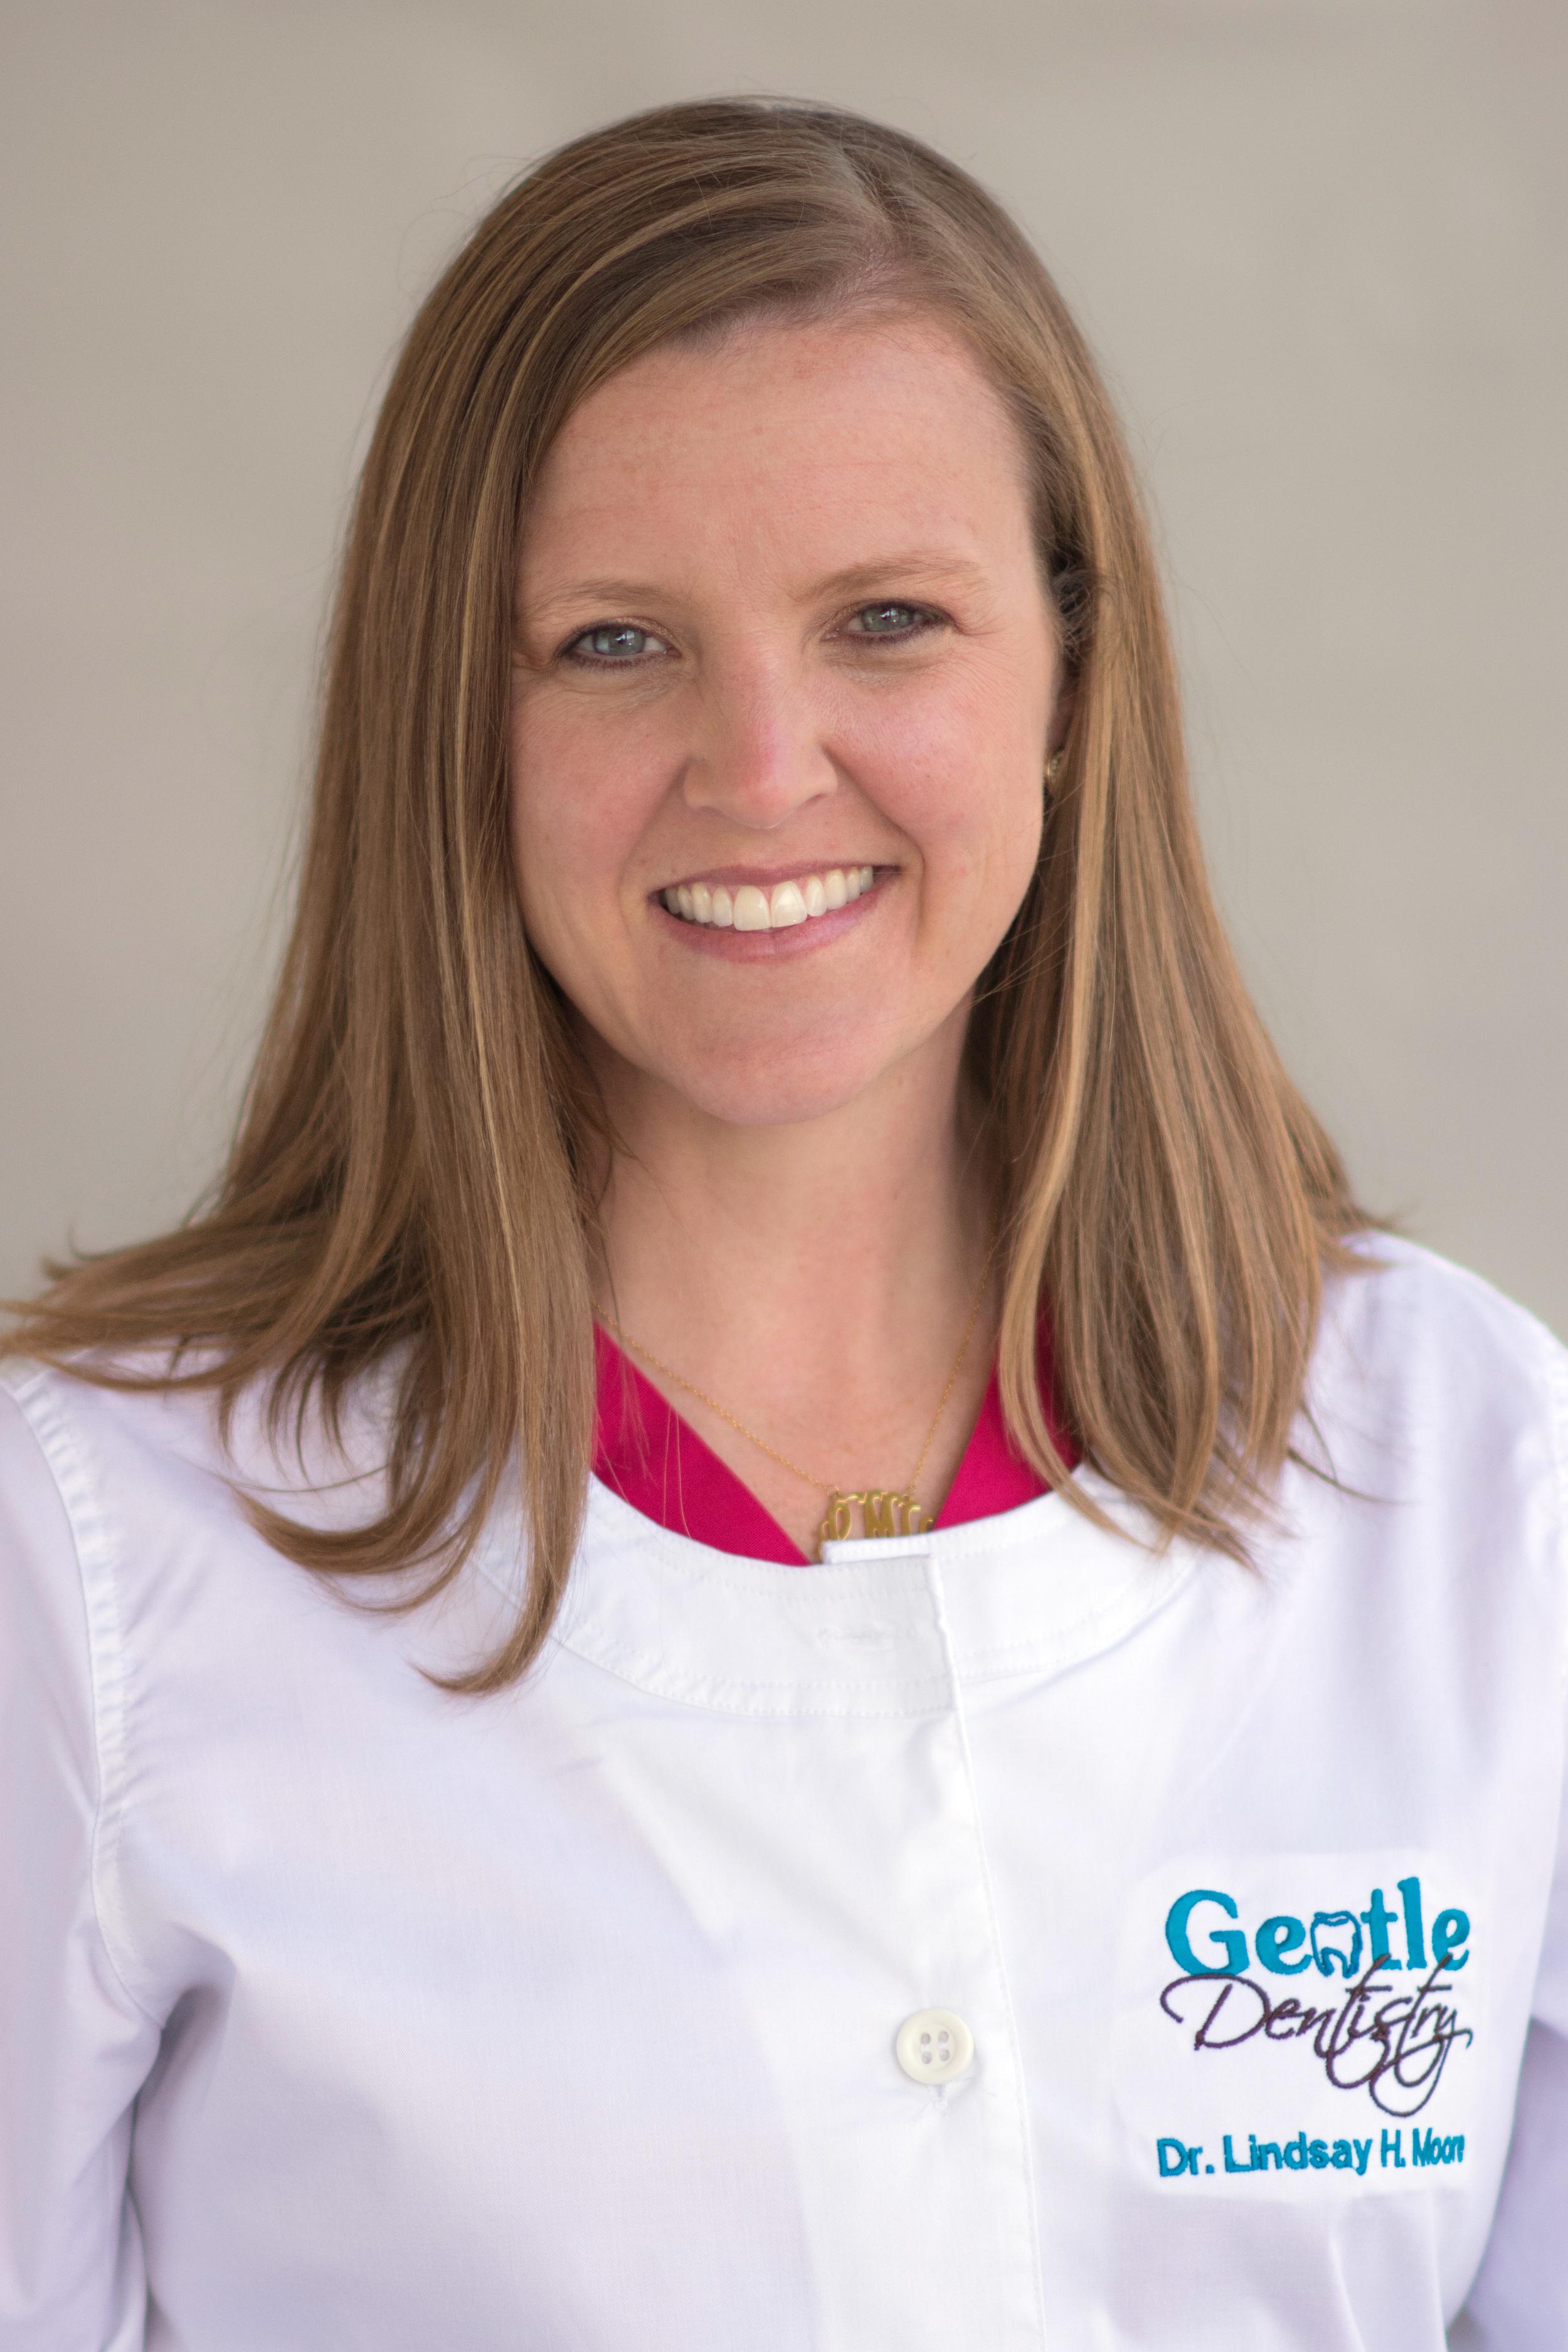 Dr. Lindsay Harper Moore, DMD